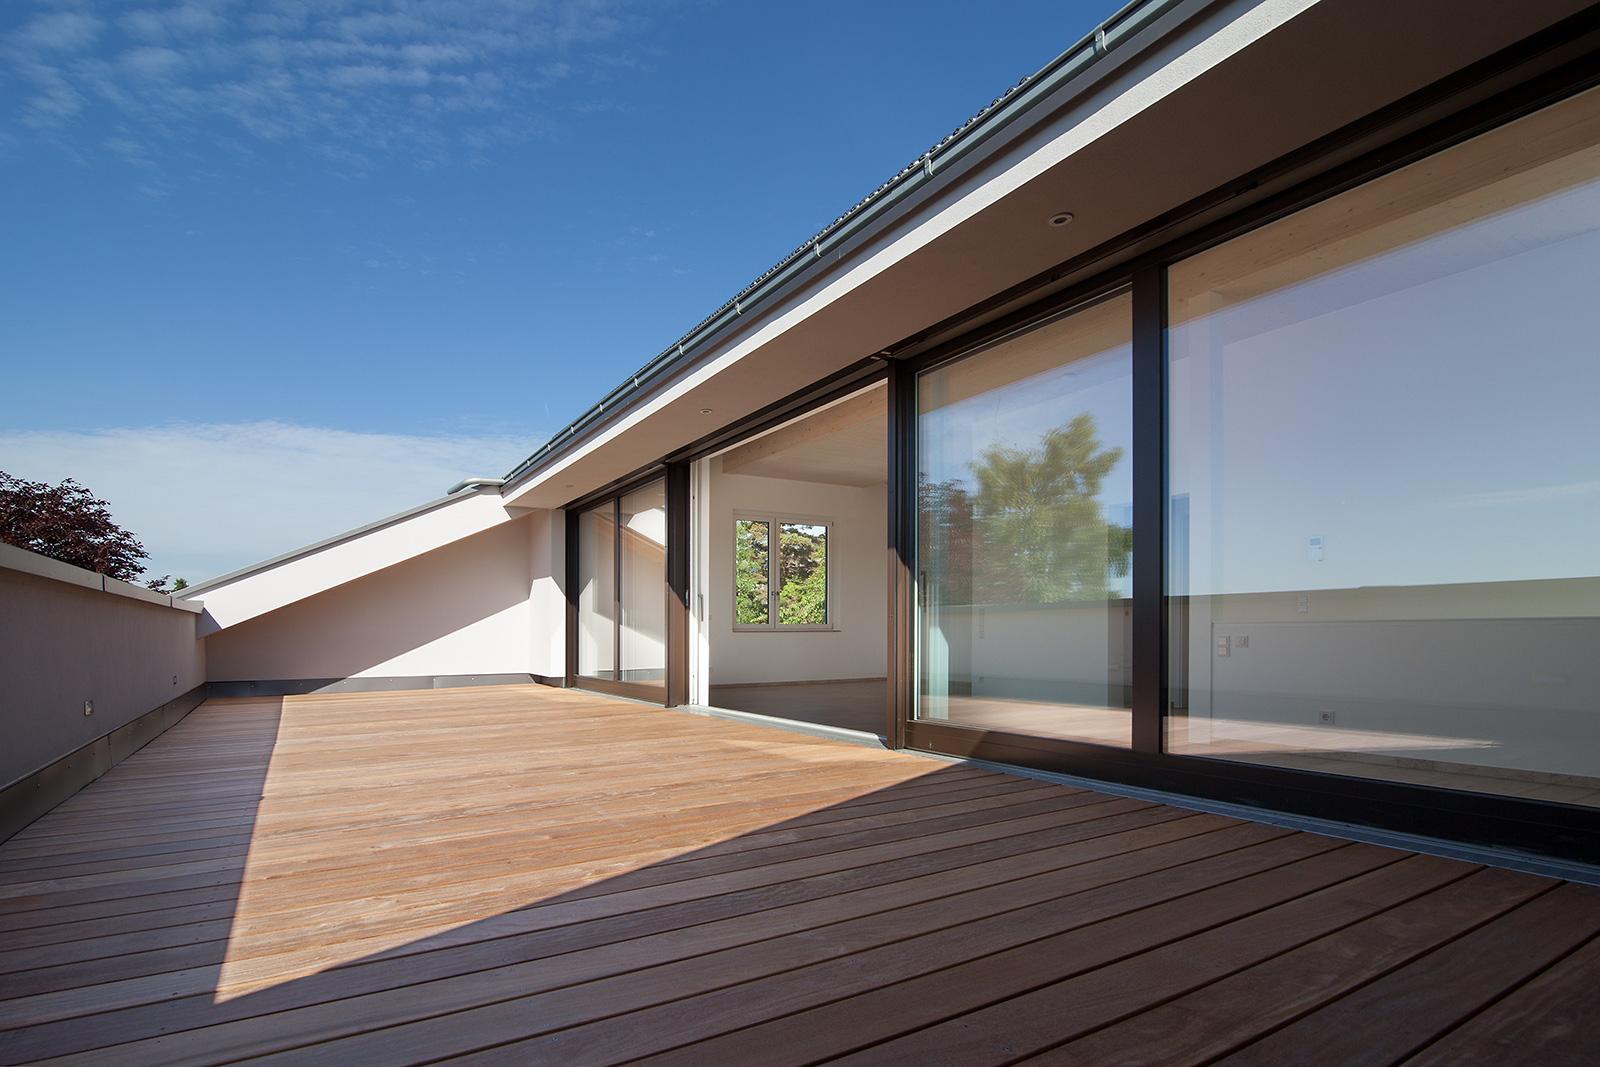 272 mehrfamilienhaus ih ffm architekten. Black Bedroom Furniture Sets. Home Design Ideas